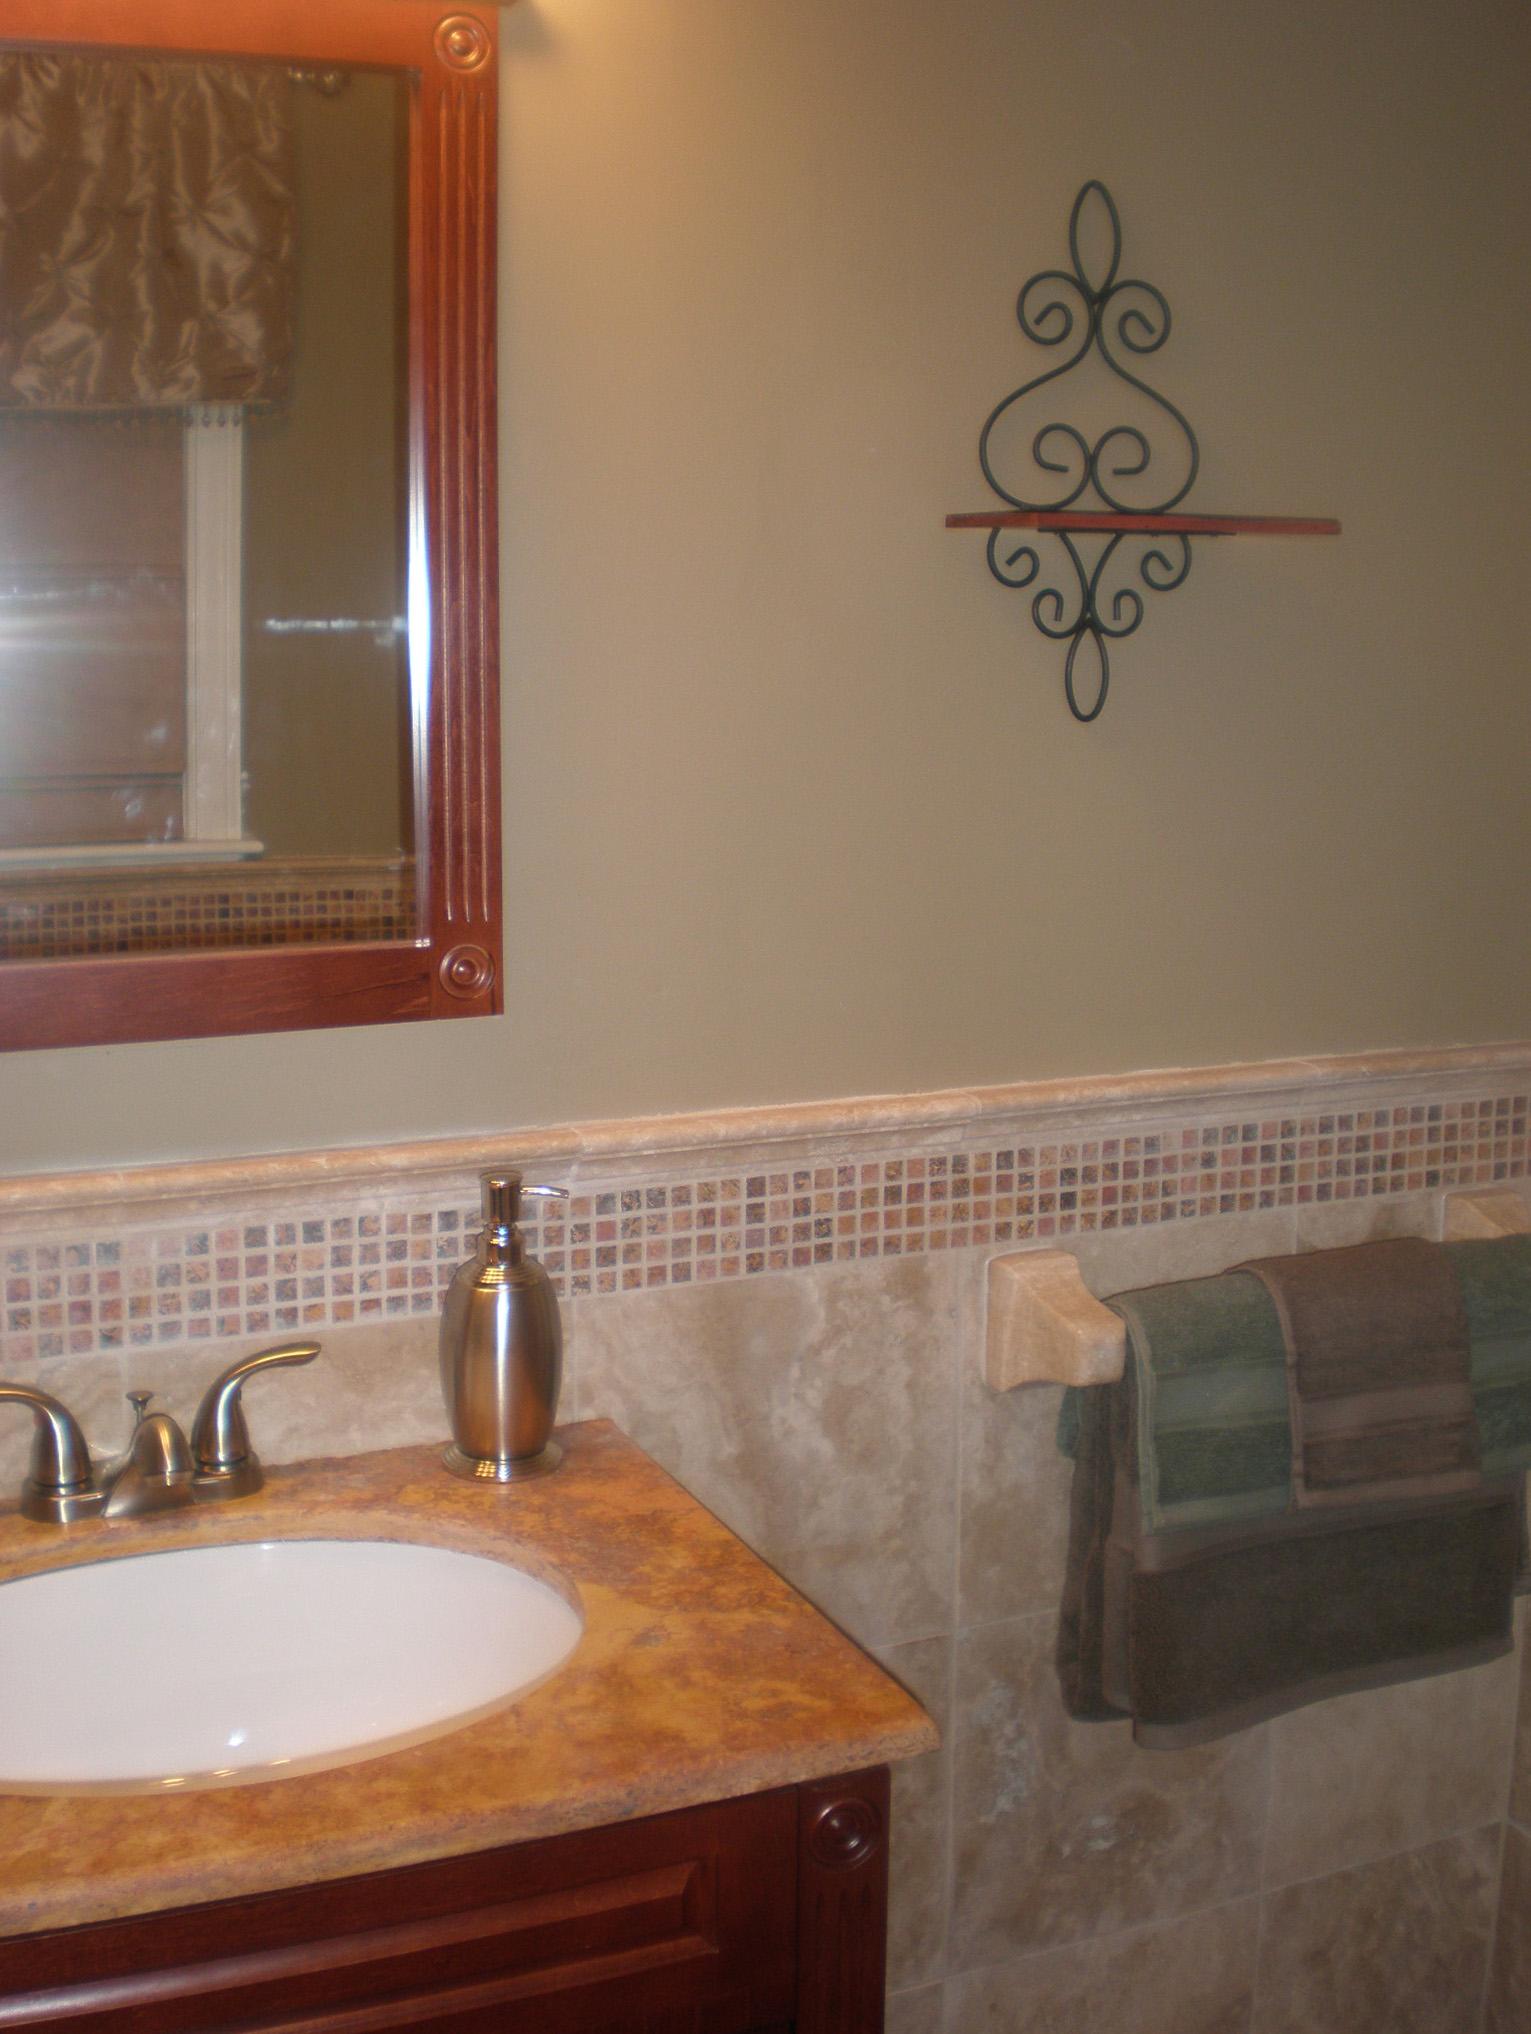 durango bathroom towel bar.jpg